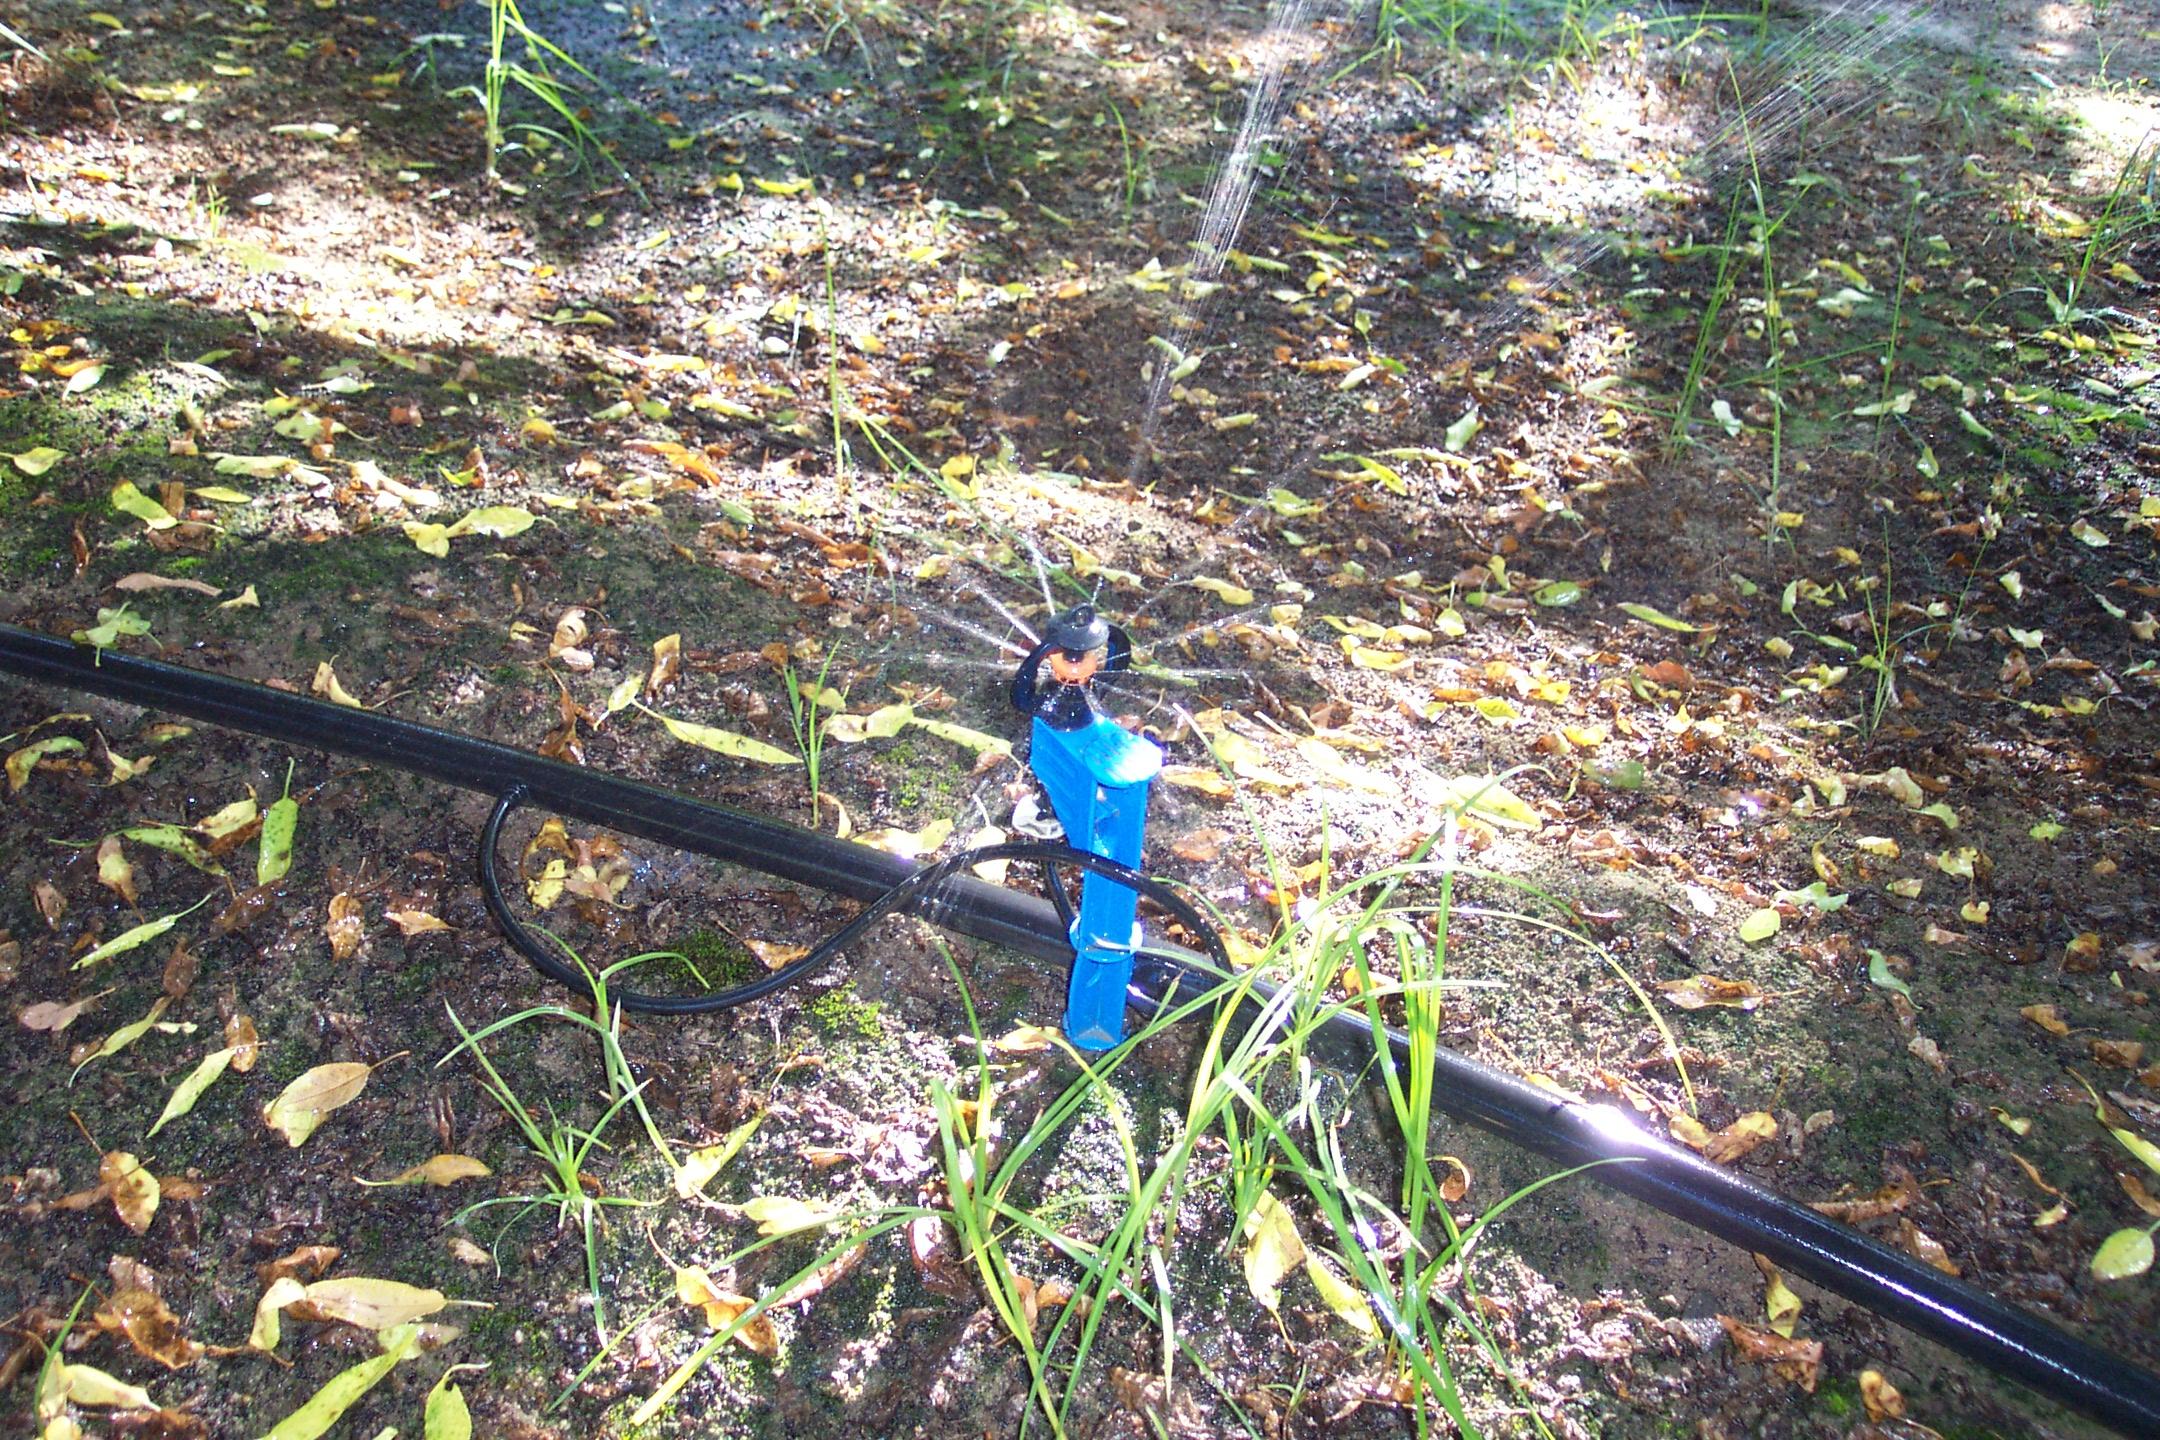 Micro sprinkler in a citrus grove